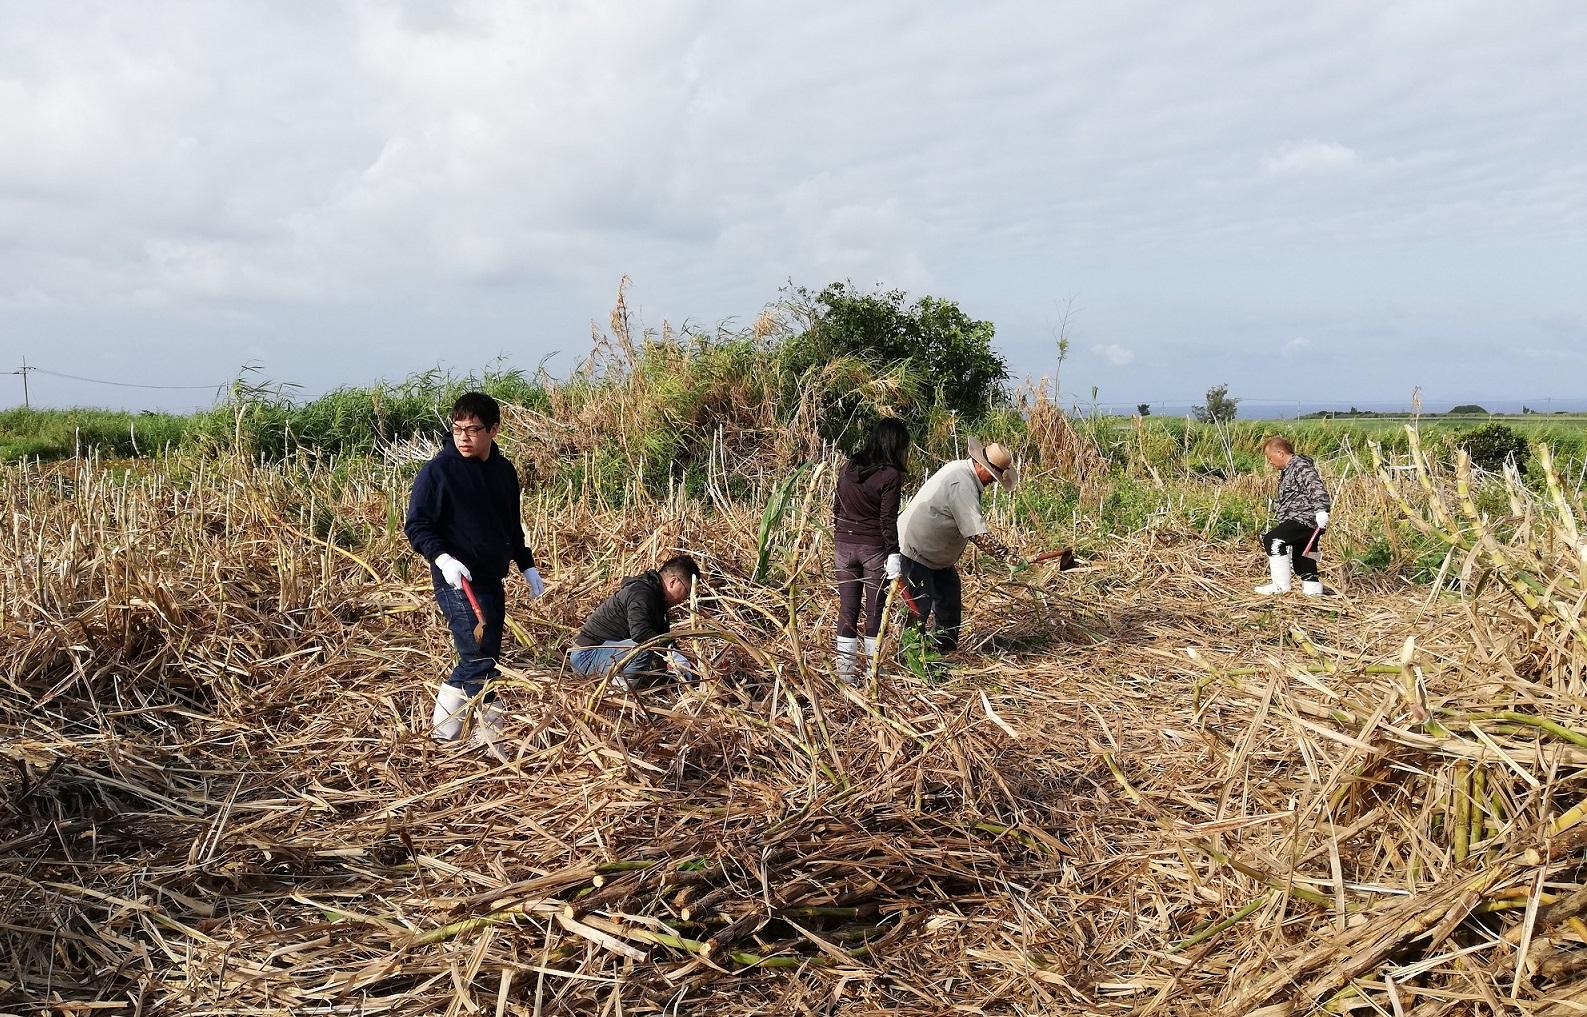 [農業]令和2年度第1回沖縄県新規就農相談会の開催について